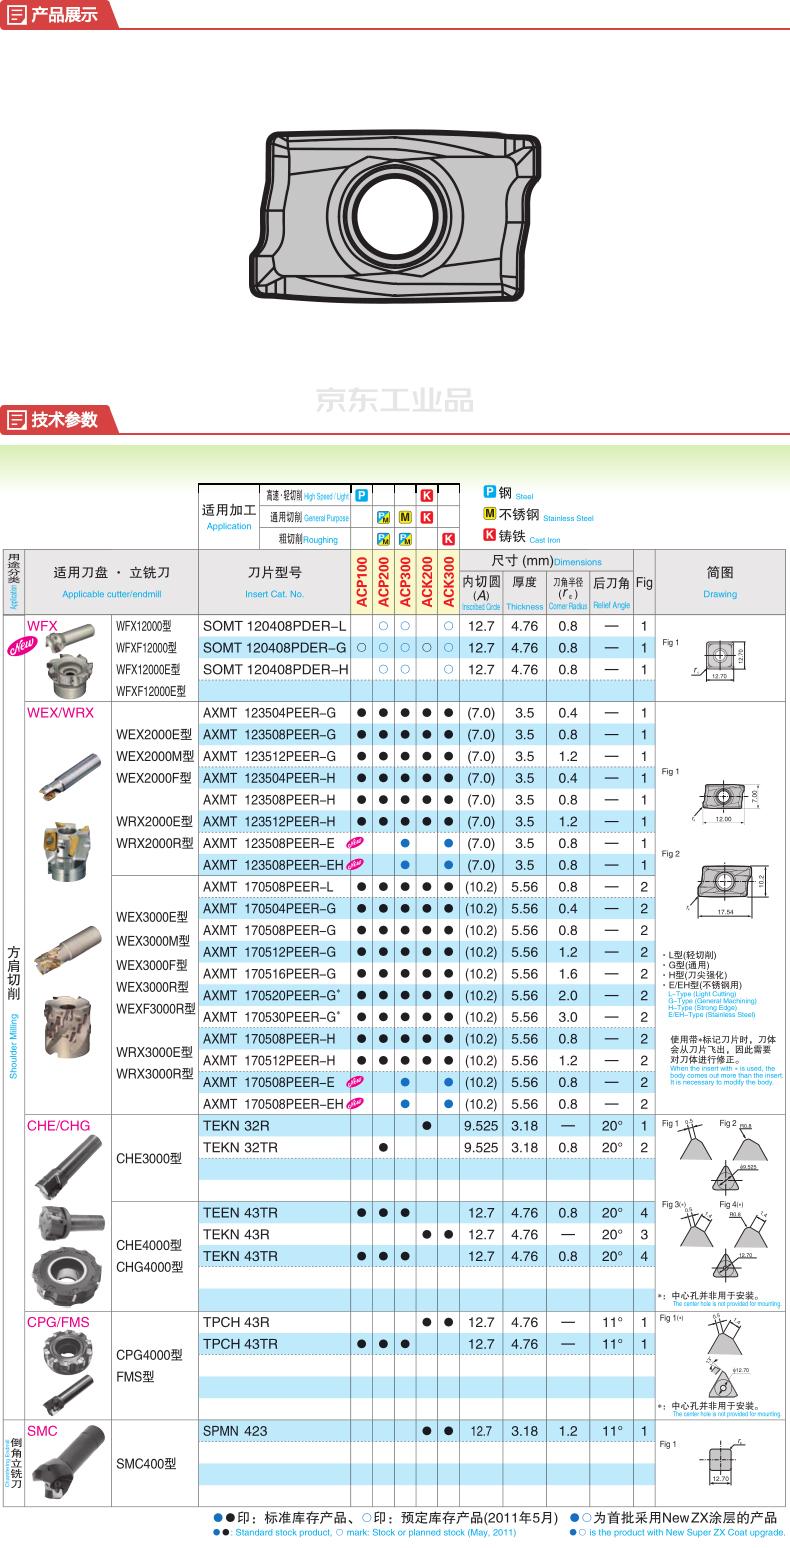 住友 数控刀片(10片/盒);AXMT170508PEER-H ACP200